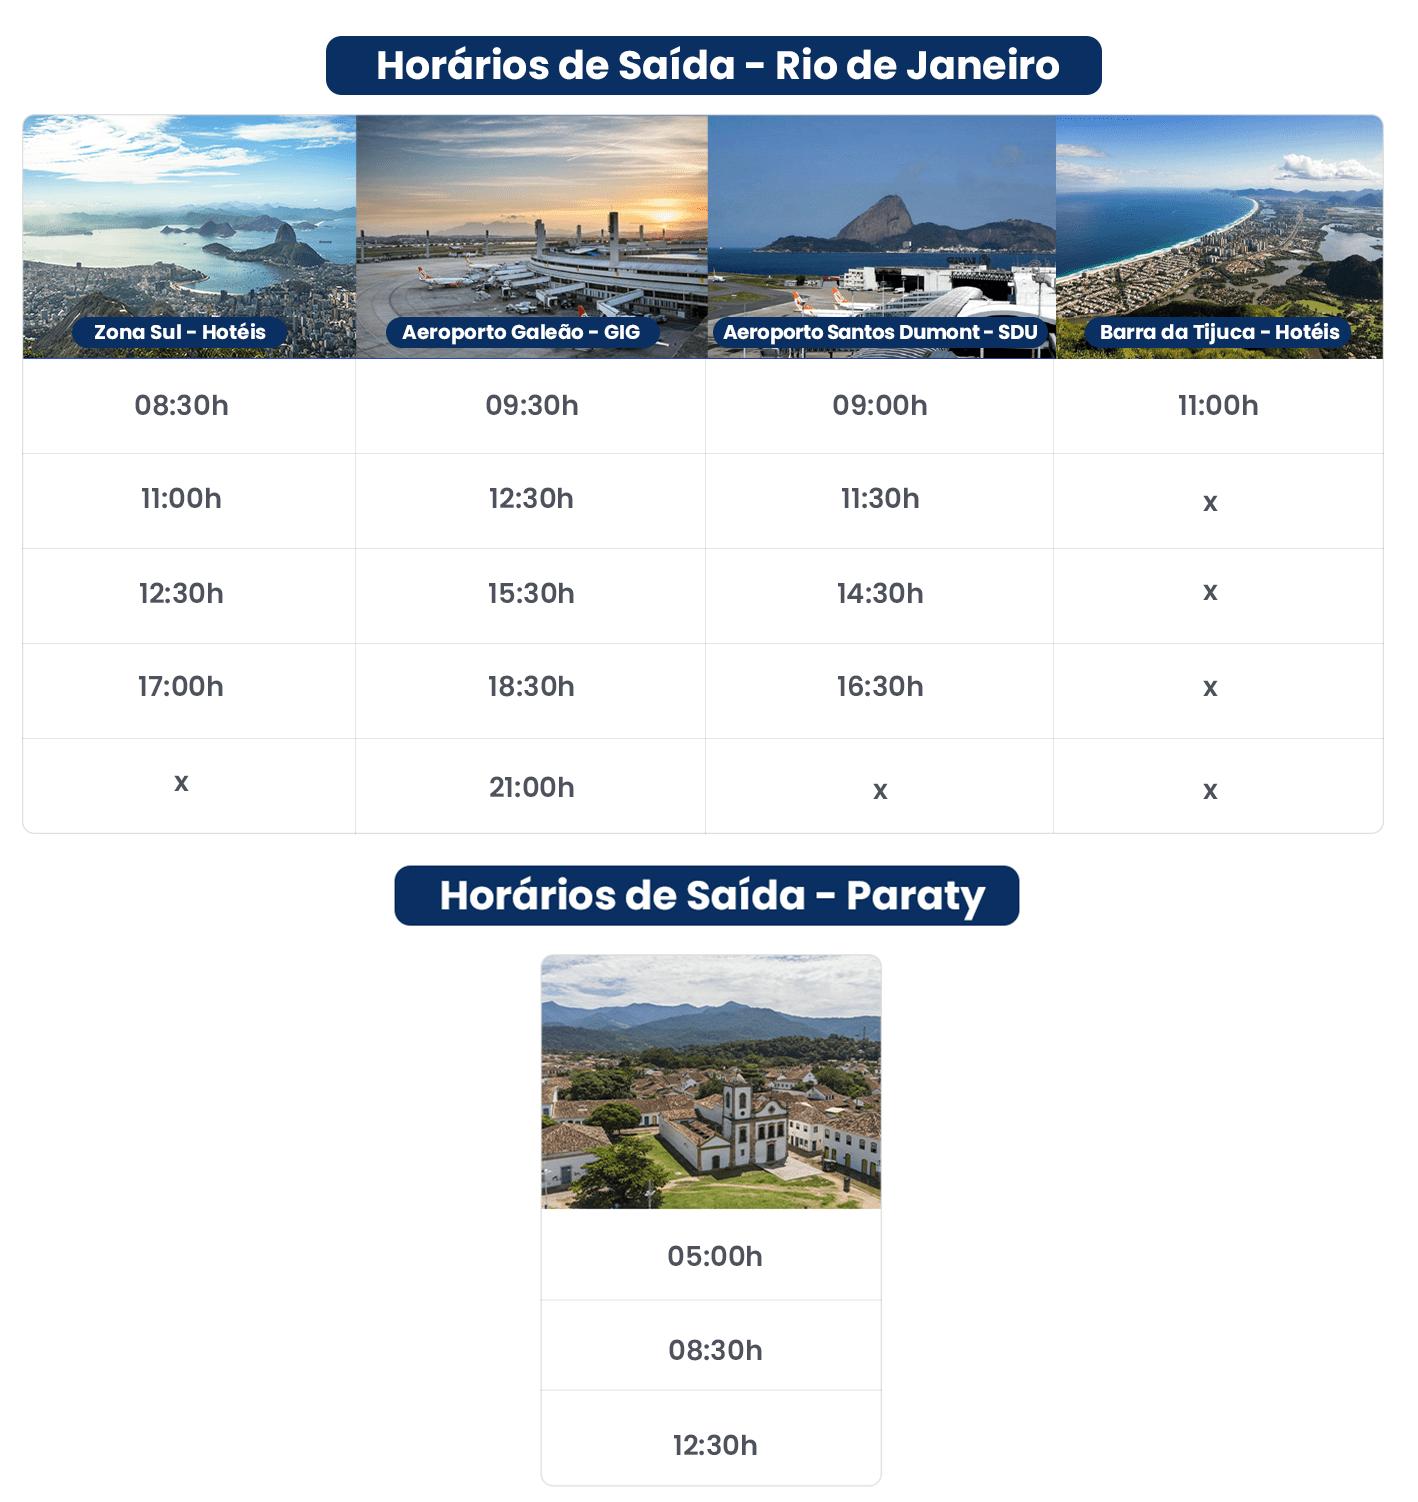 TABELA DE HORARIOS TRANSFER DO RIO DE JANEIRO PARA PARATY